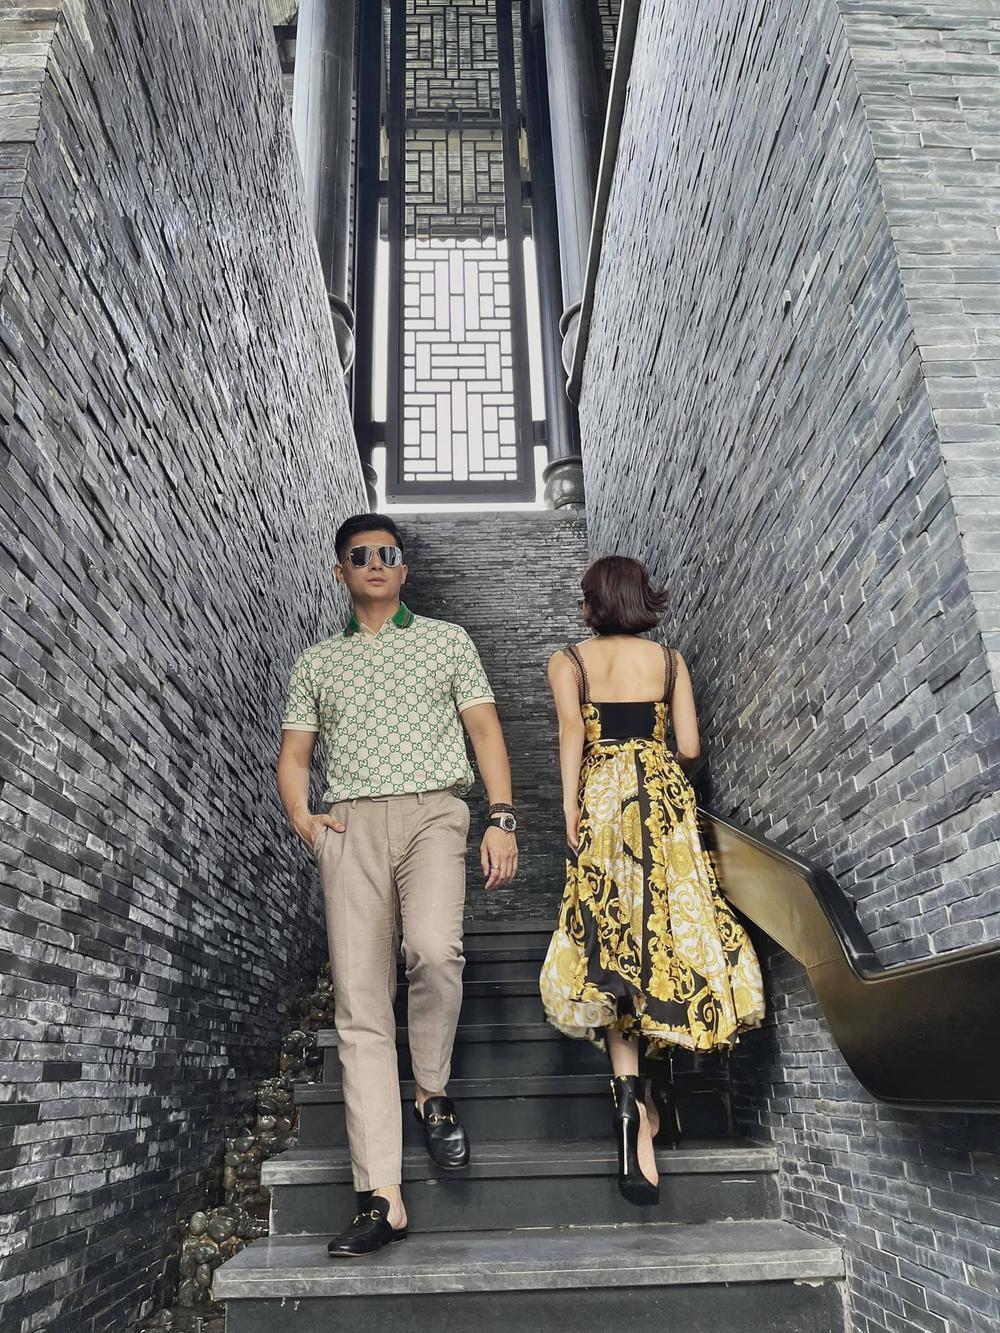 Lệ Quyên 'đụng độ' em chồng Hà Tăng với váy áo họa tiết sặc sỡ, khó phân bì ai đẹp hơn Ảnh 3